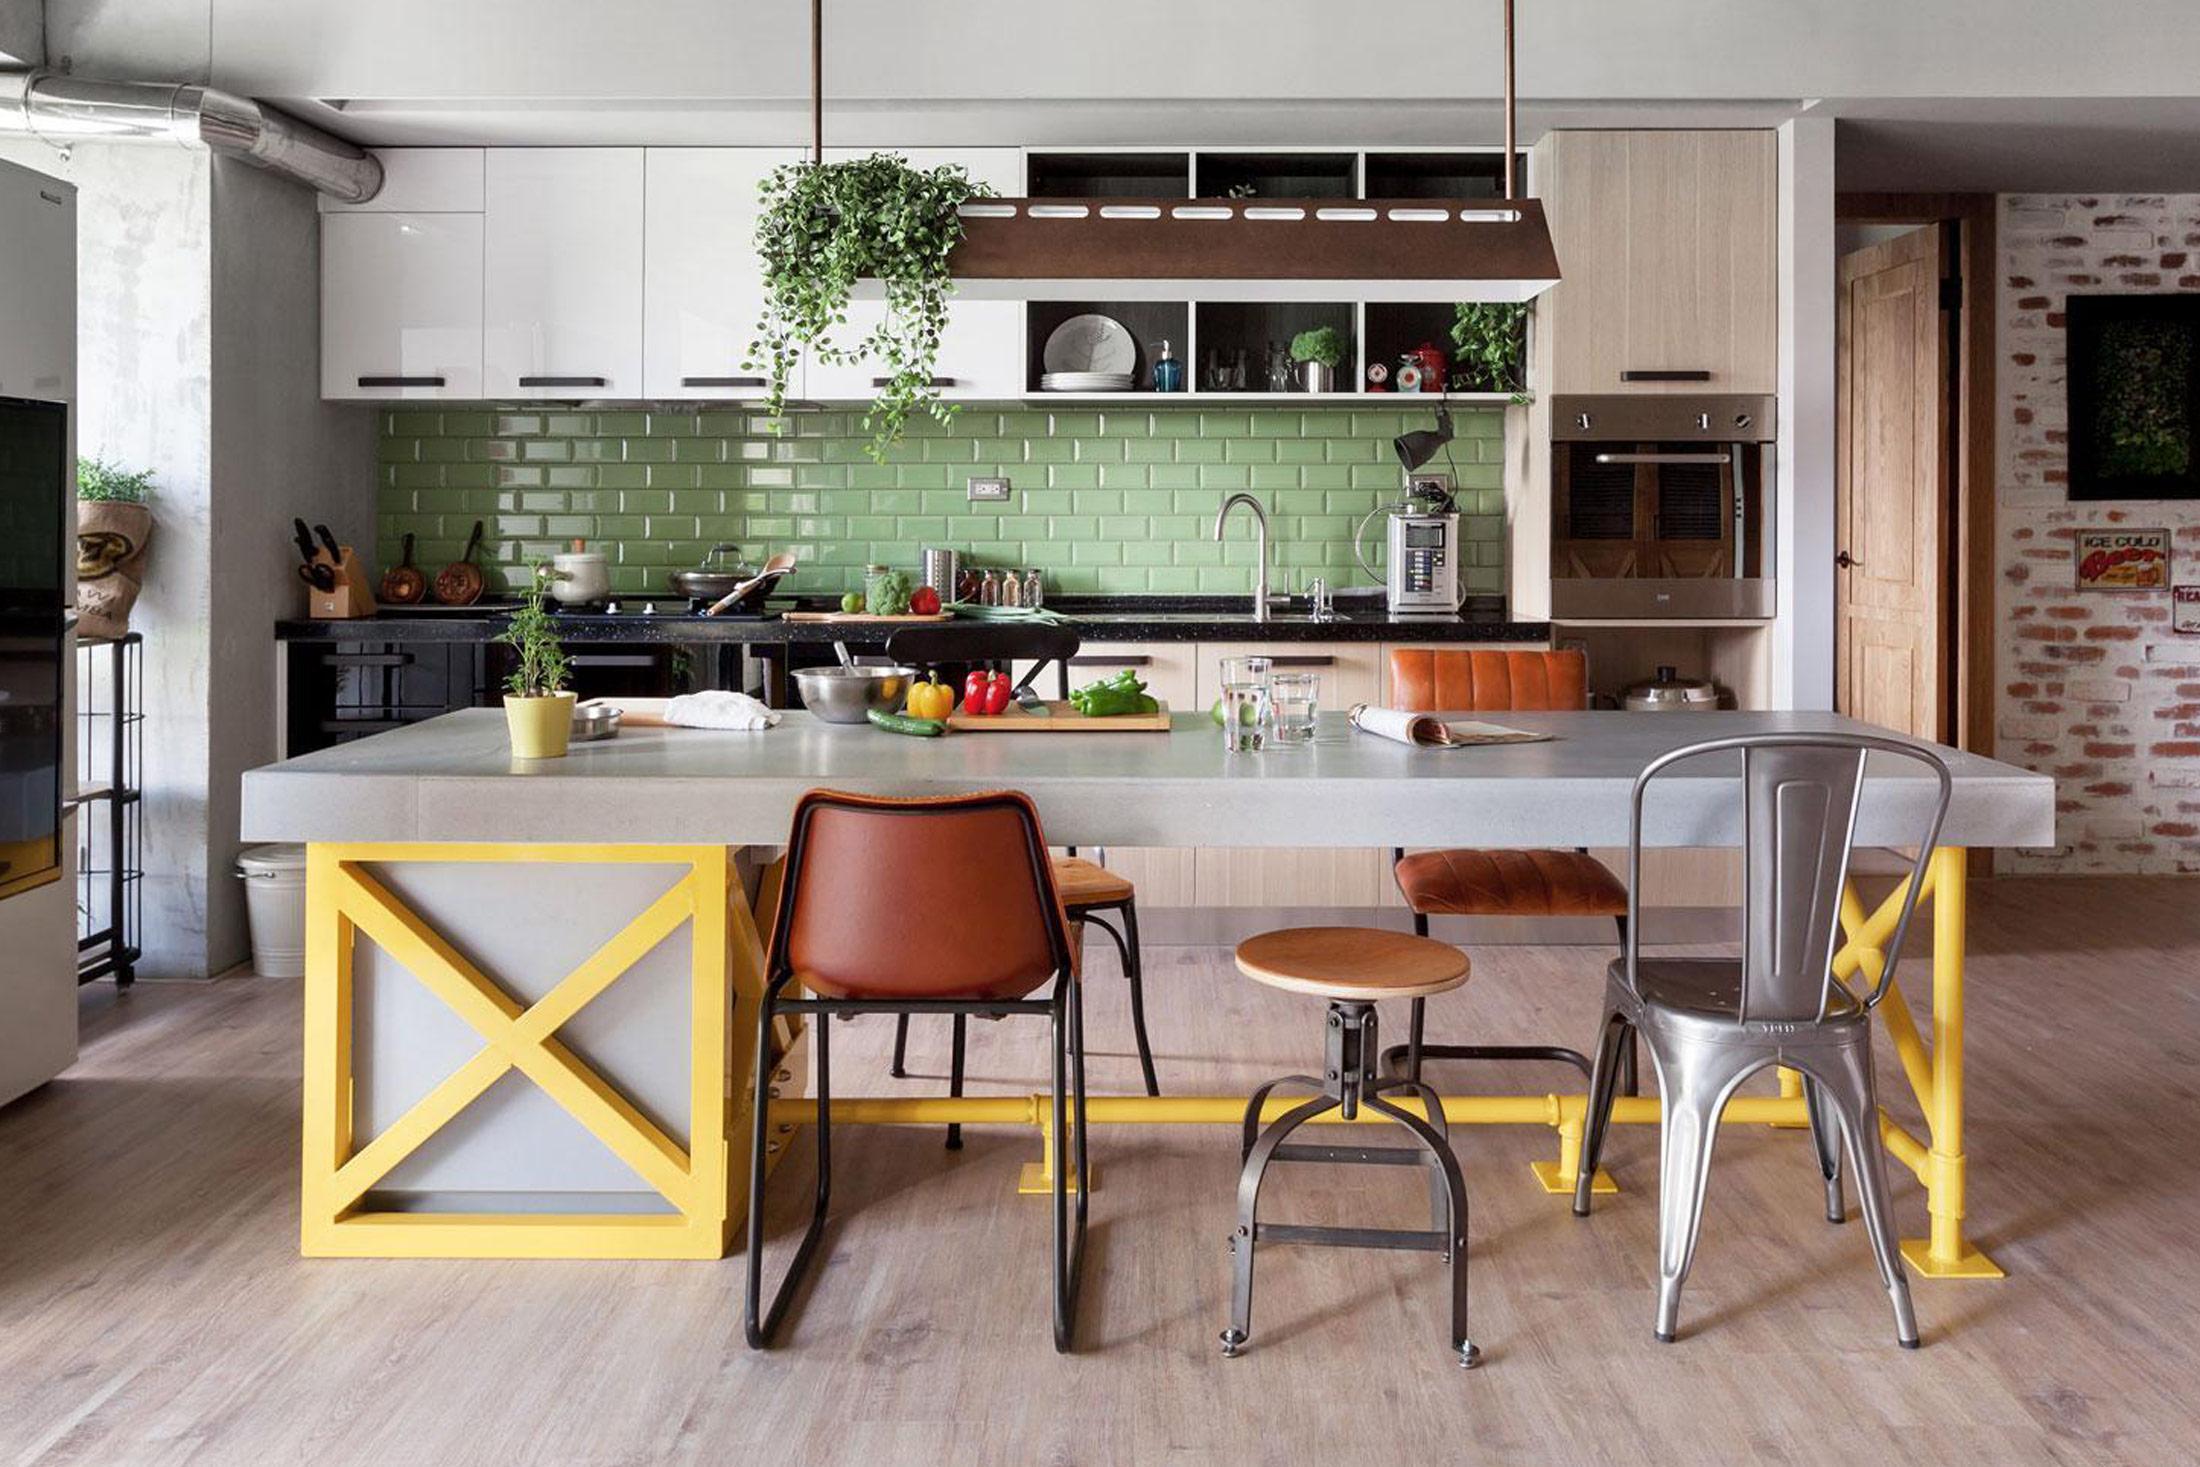 Come Decorare Piastrelle Cucina cucina vintage, idee moderne per una decorazione retrò